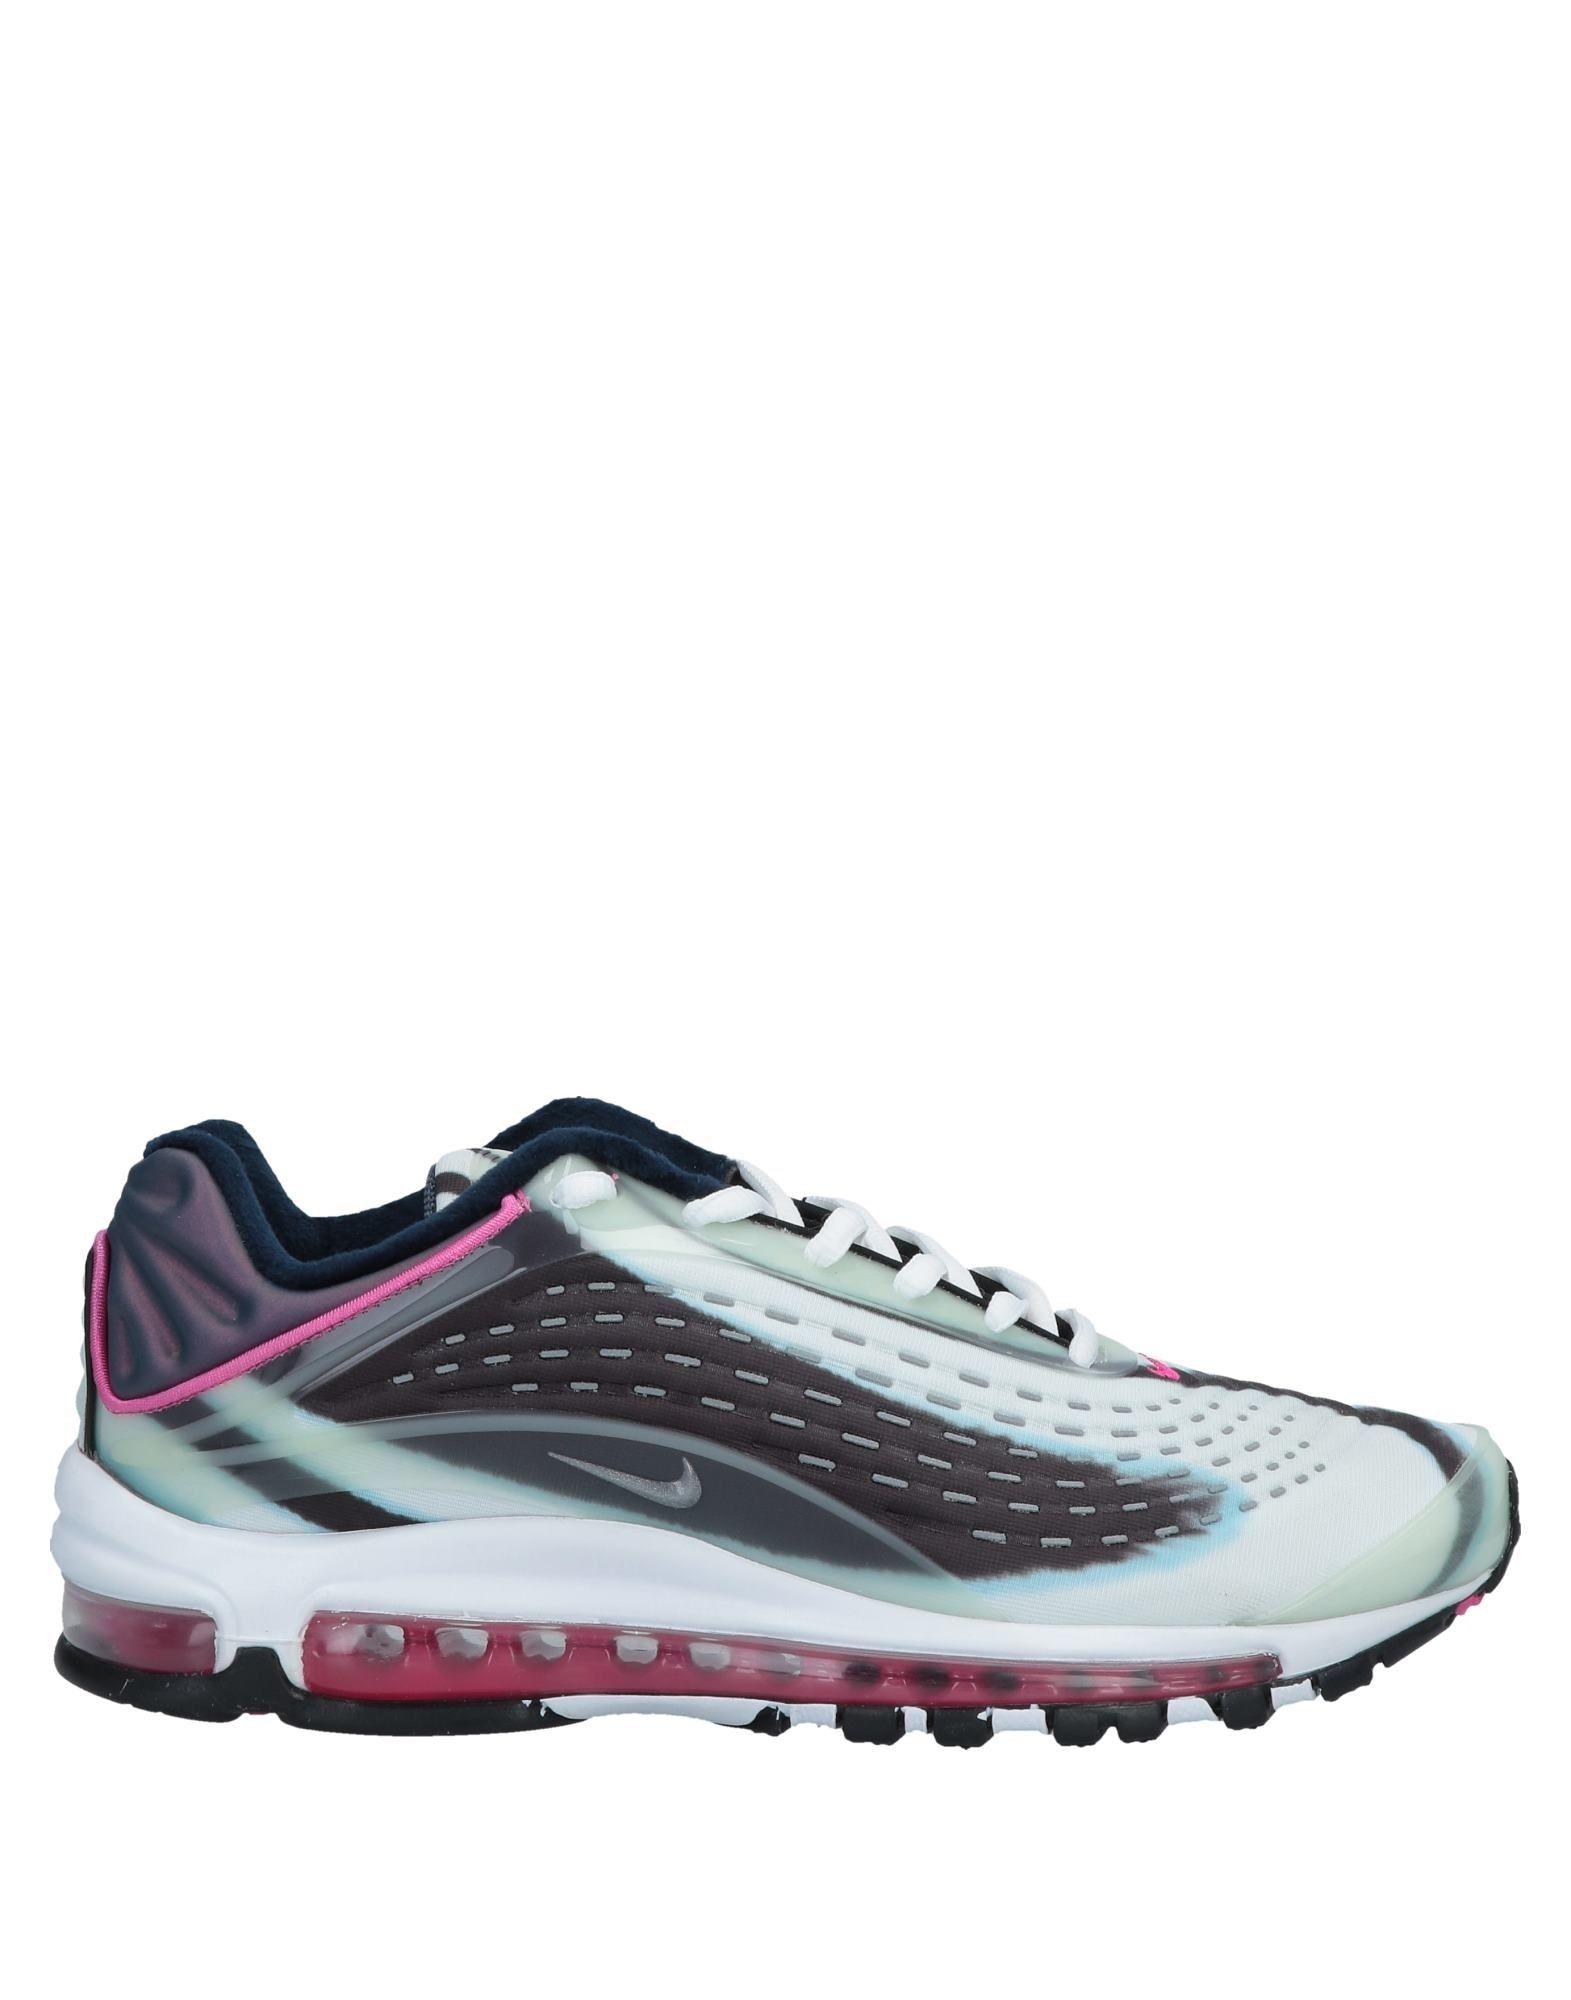 Turnscarpe Nike uomo - 11669040AC